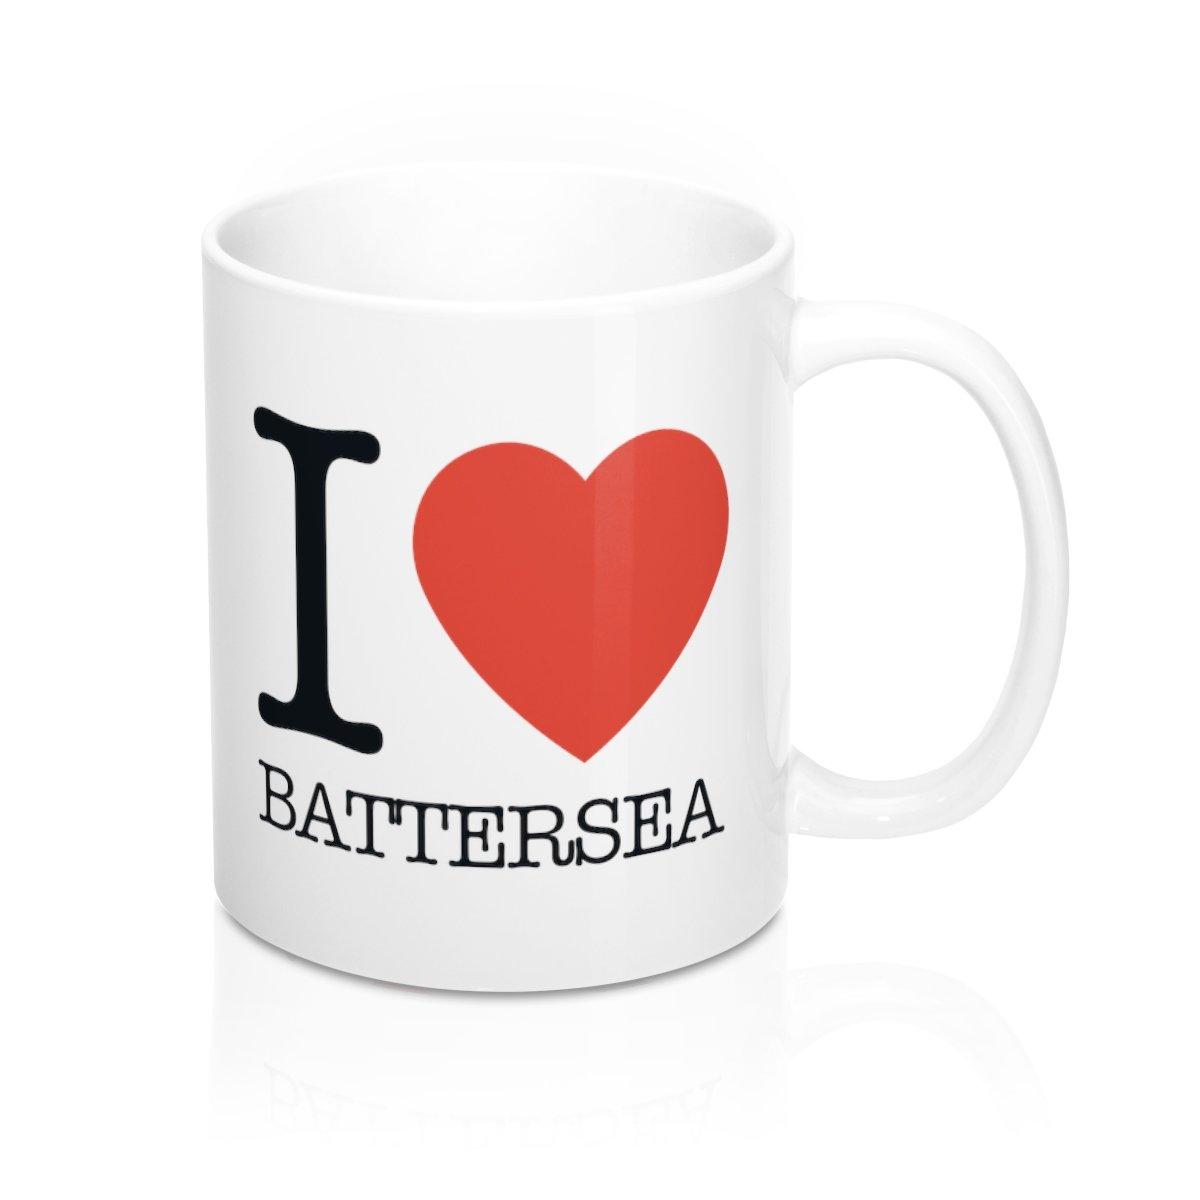 I Heart Batterea Mug -